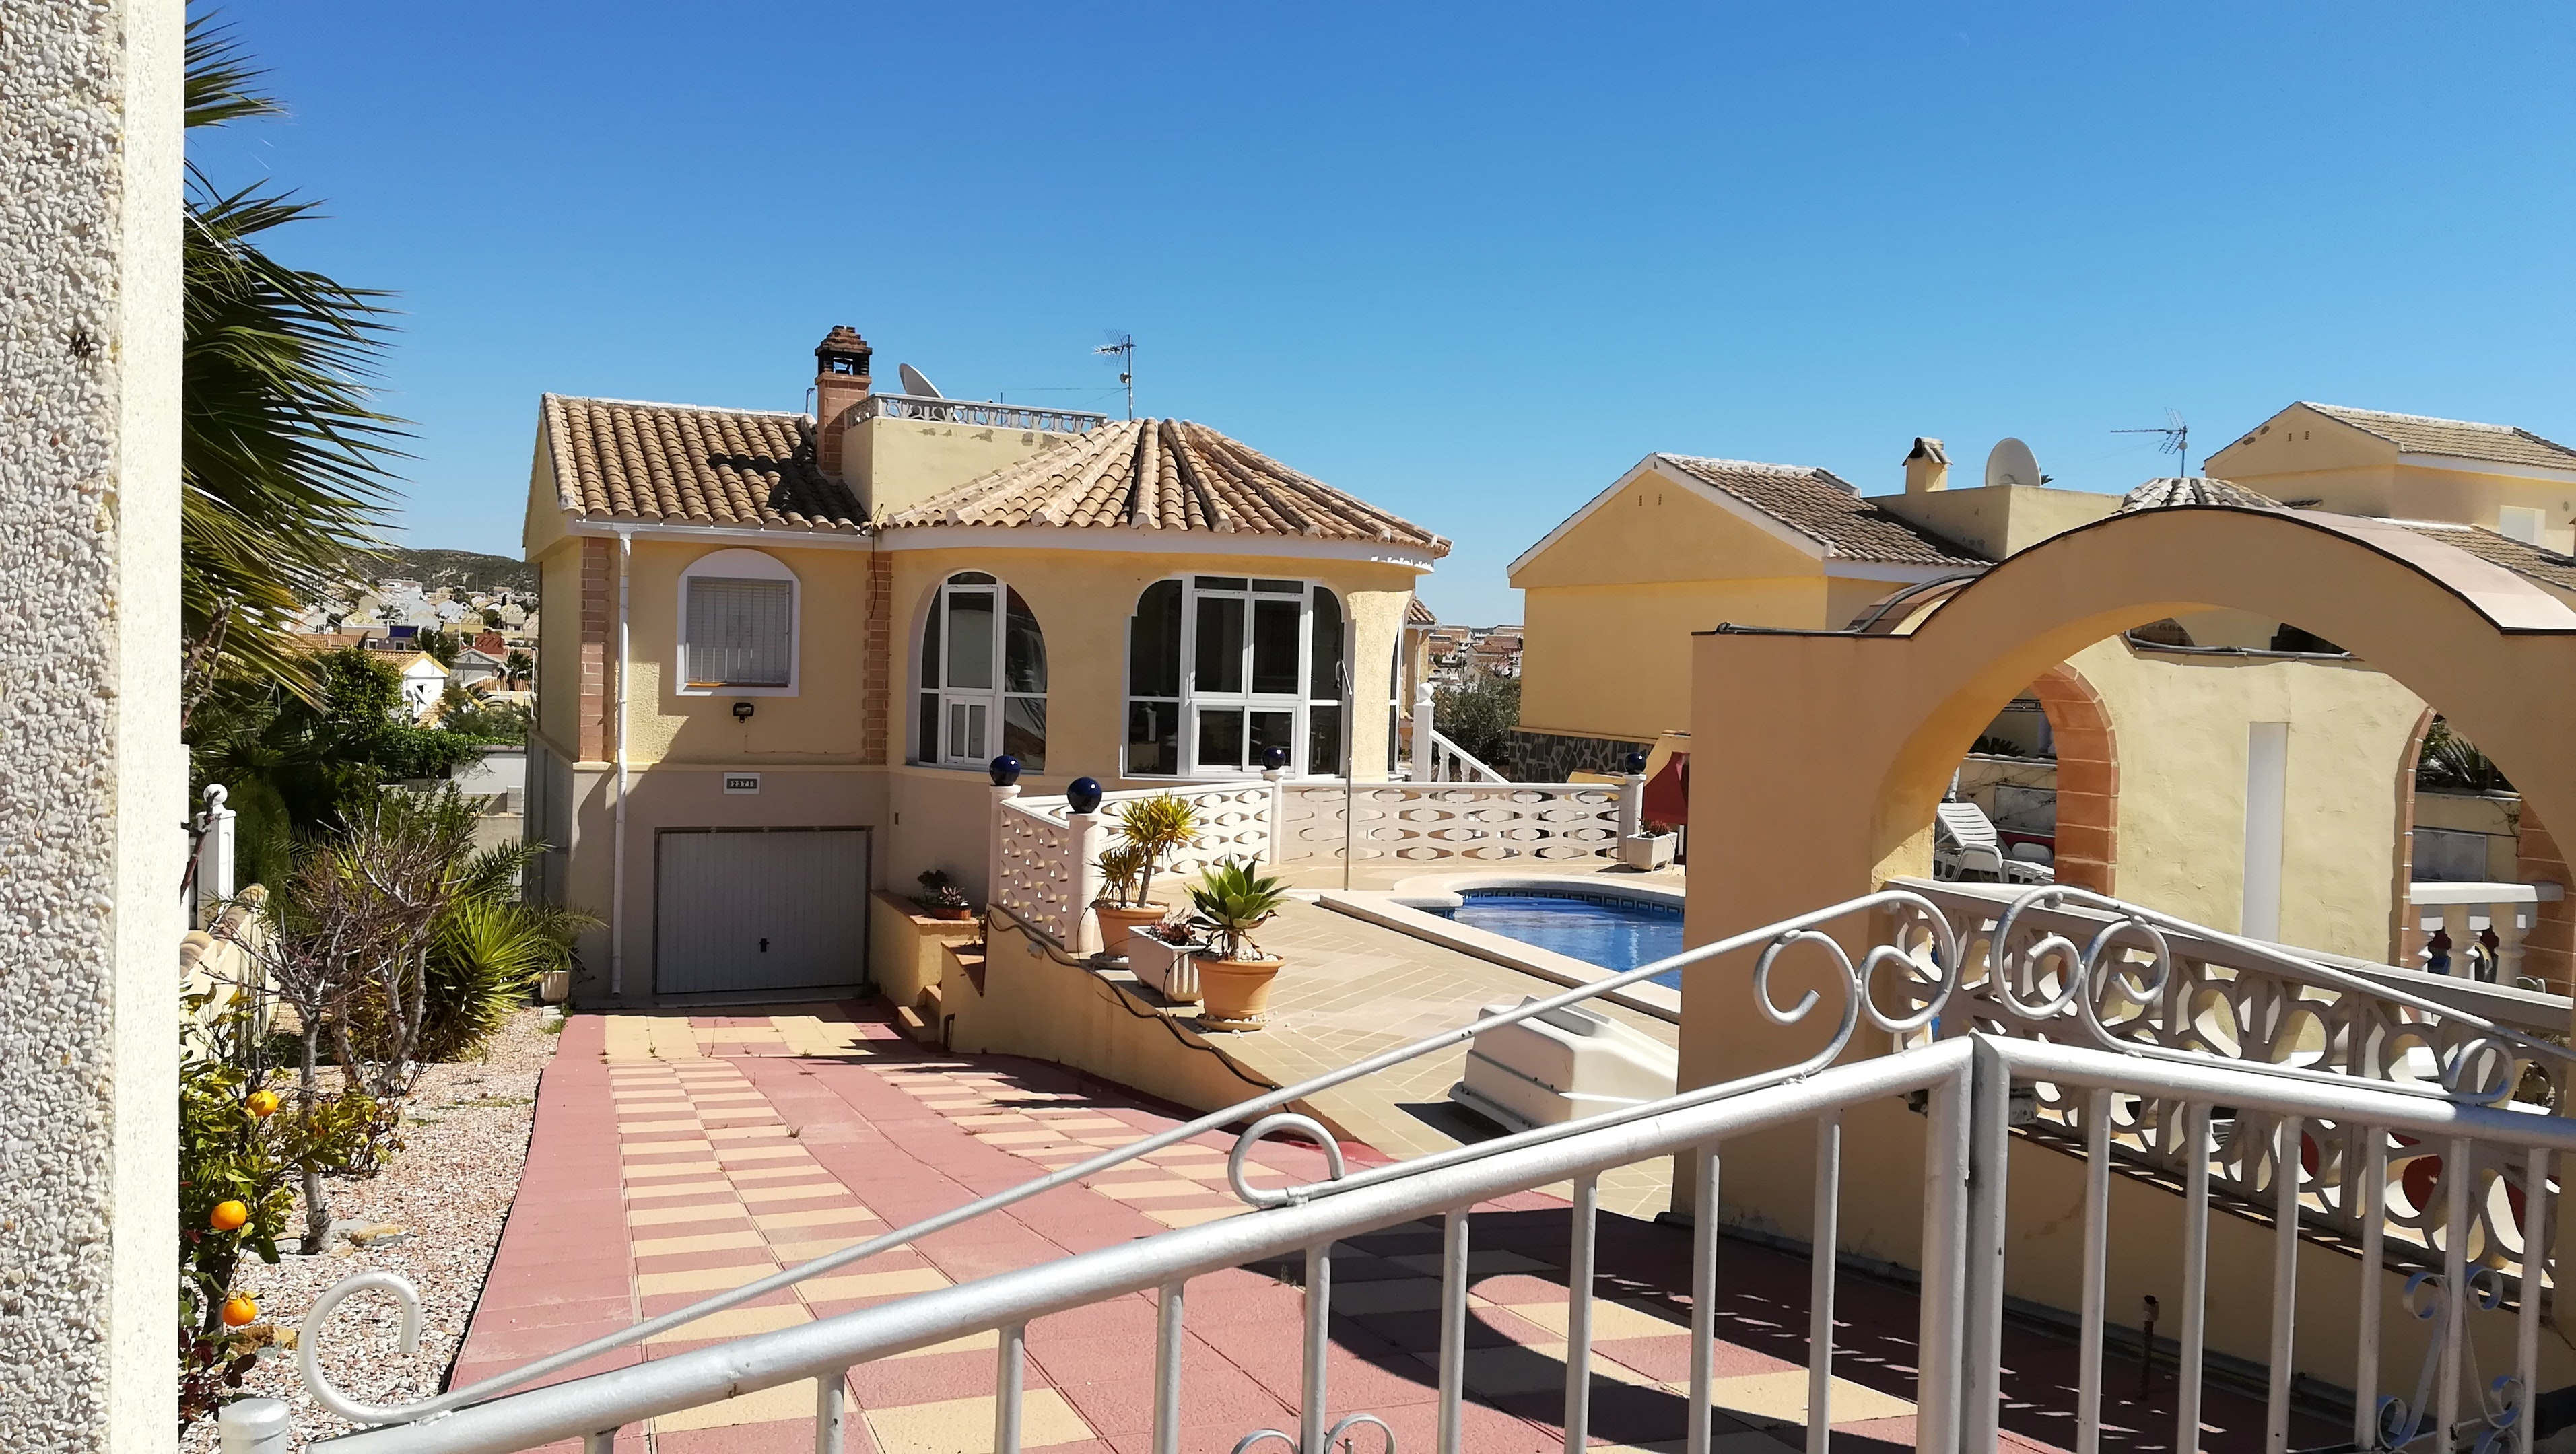 Appartement de vacances Wohnung mit 2 Schlafzimmern in Mazarrón mit toller Aussicht auf die Berge, privatem Pool,  (2632538), Mazarron, Costa Calida, Murcie, Espagne, image 25